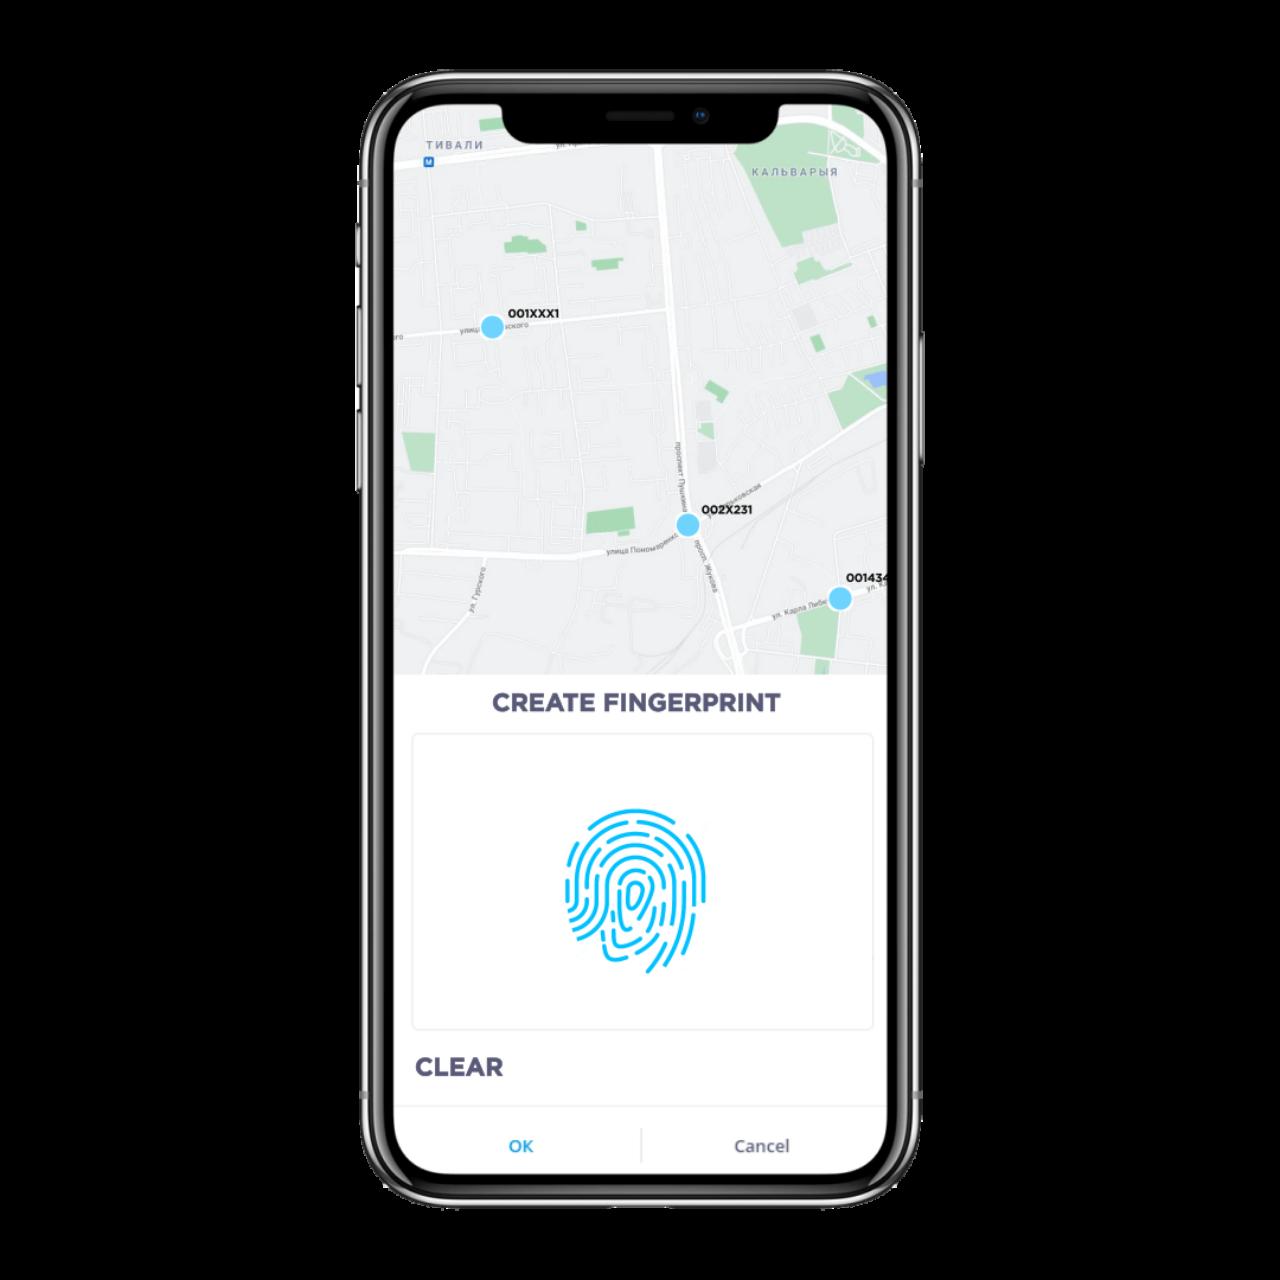 Fleet Management App development - fingerprint